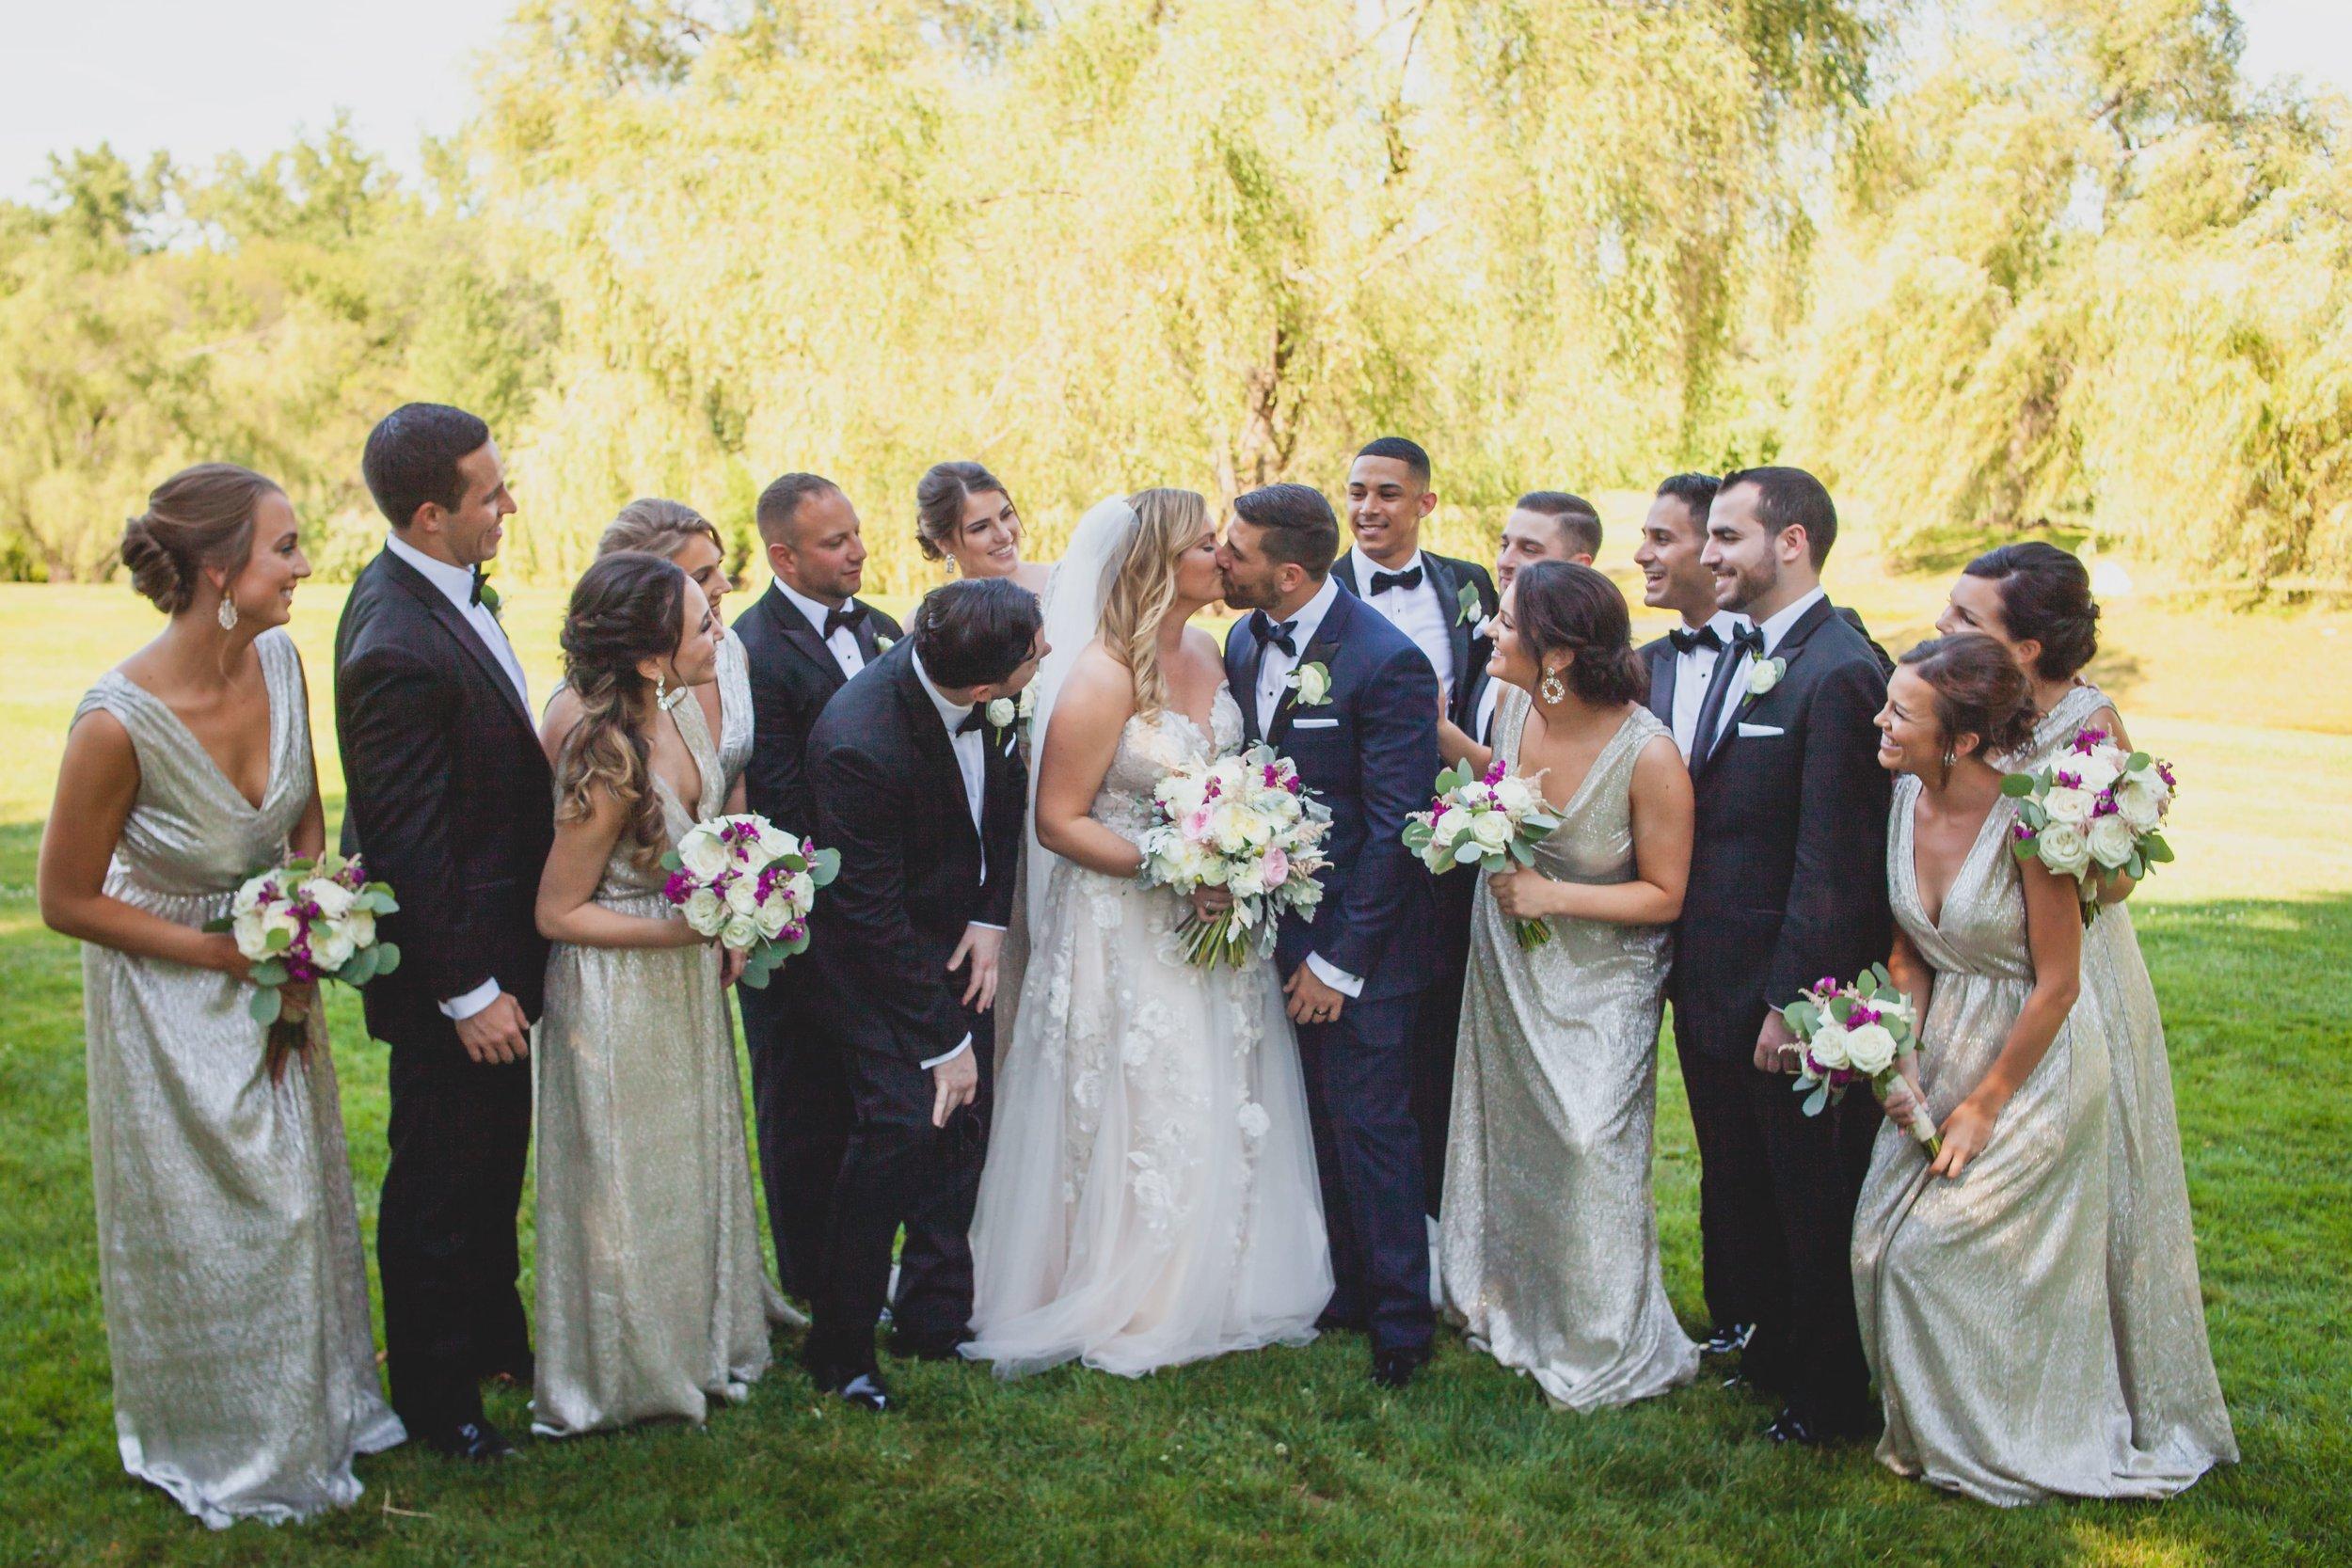 wedding-photography-ct-the-barns-at-wesleyan-hills-bridal-party